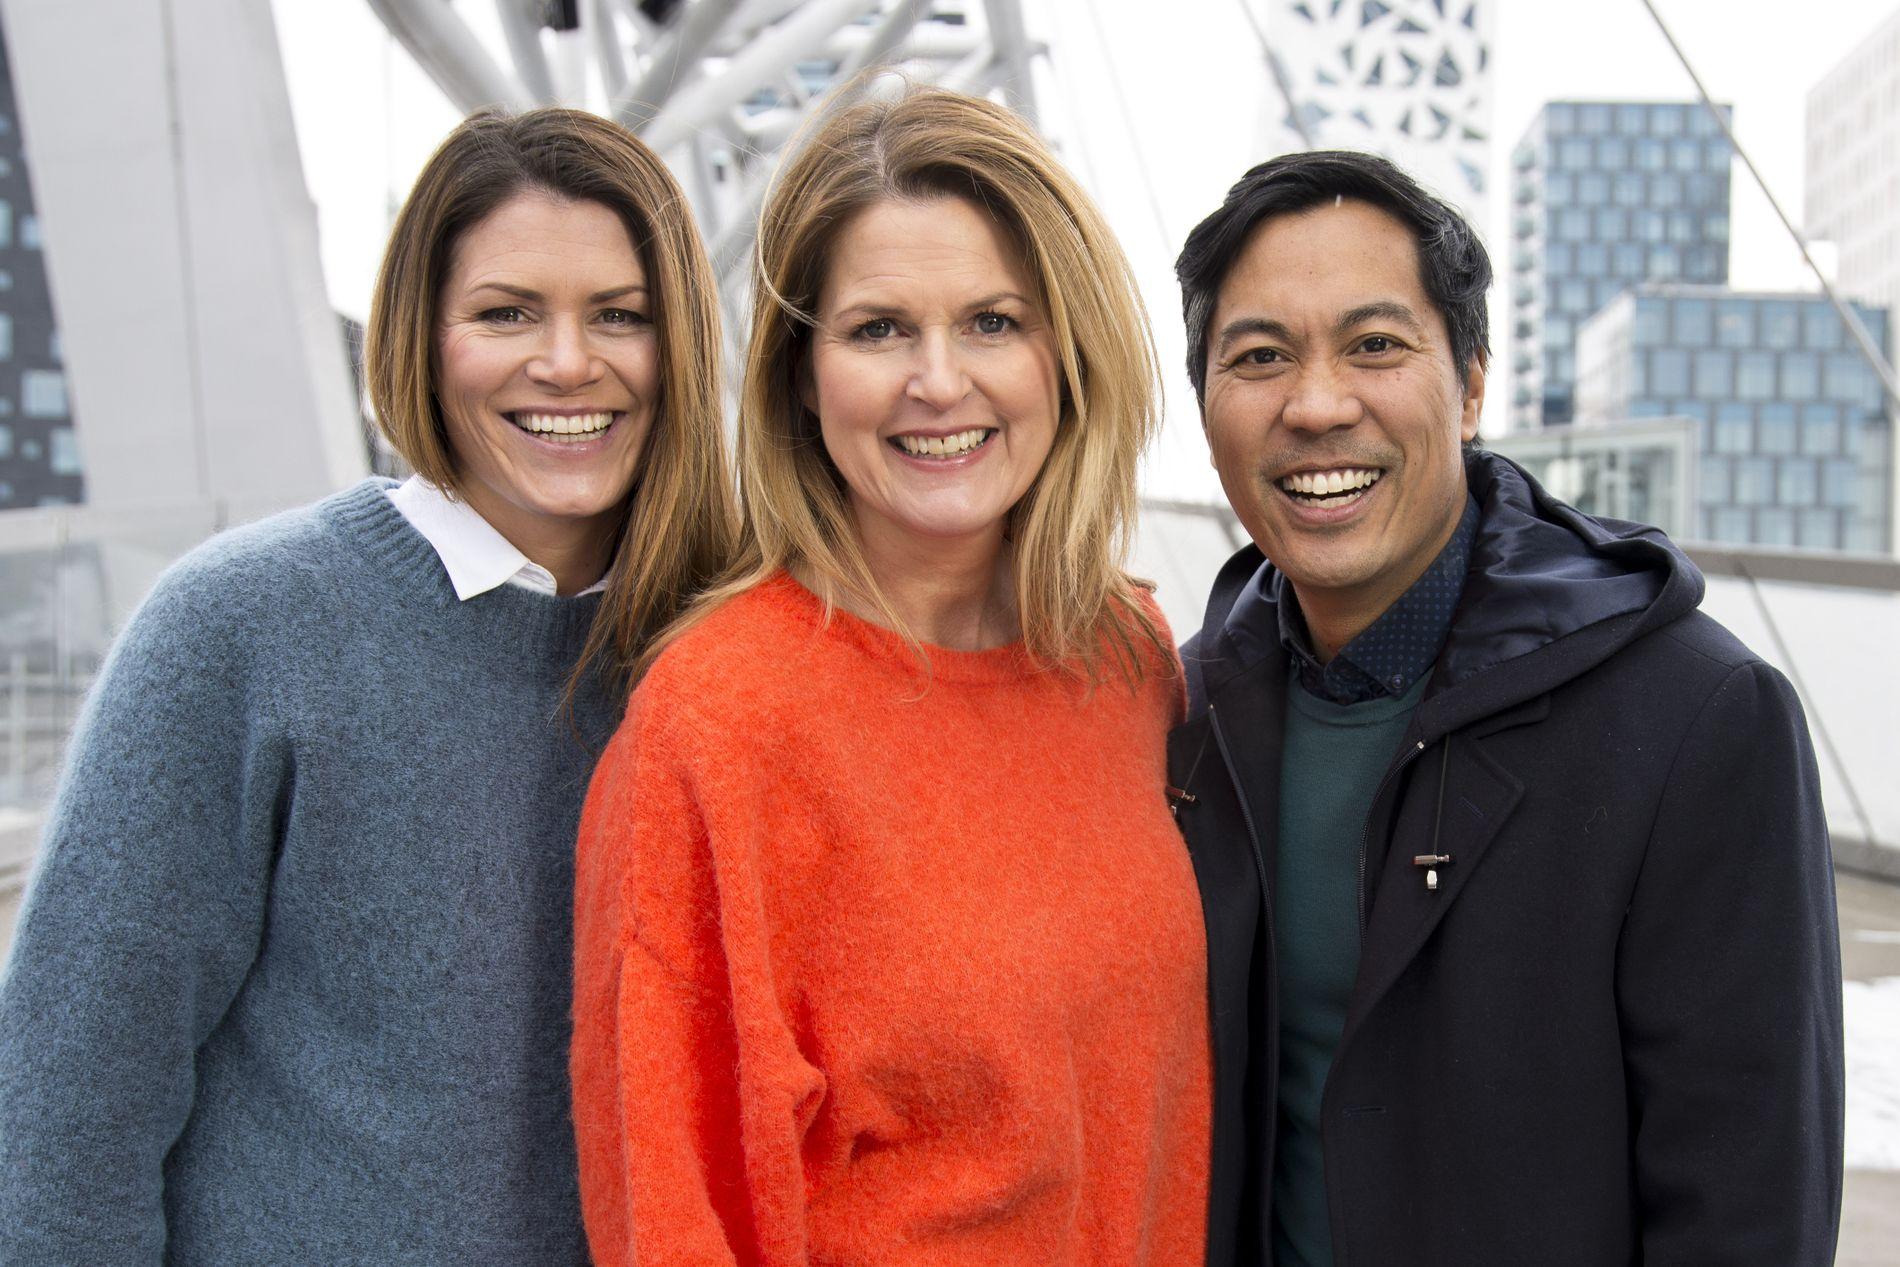 SLUTT: Trioen Pia Rivelsrud,  Marit Evertsen Grimstad og Christian Strand har vært programledere for «Forbrukerinspektørene» på NRK de siste årene. Men nå er det slutt.